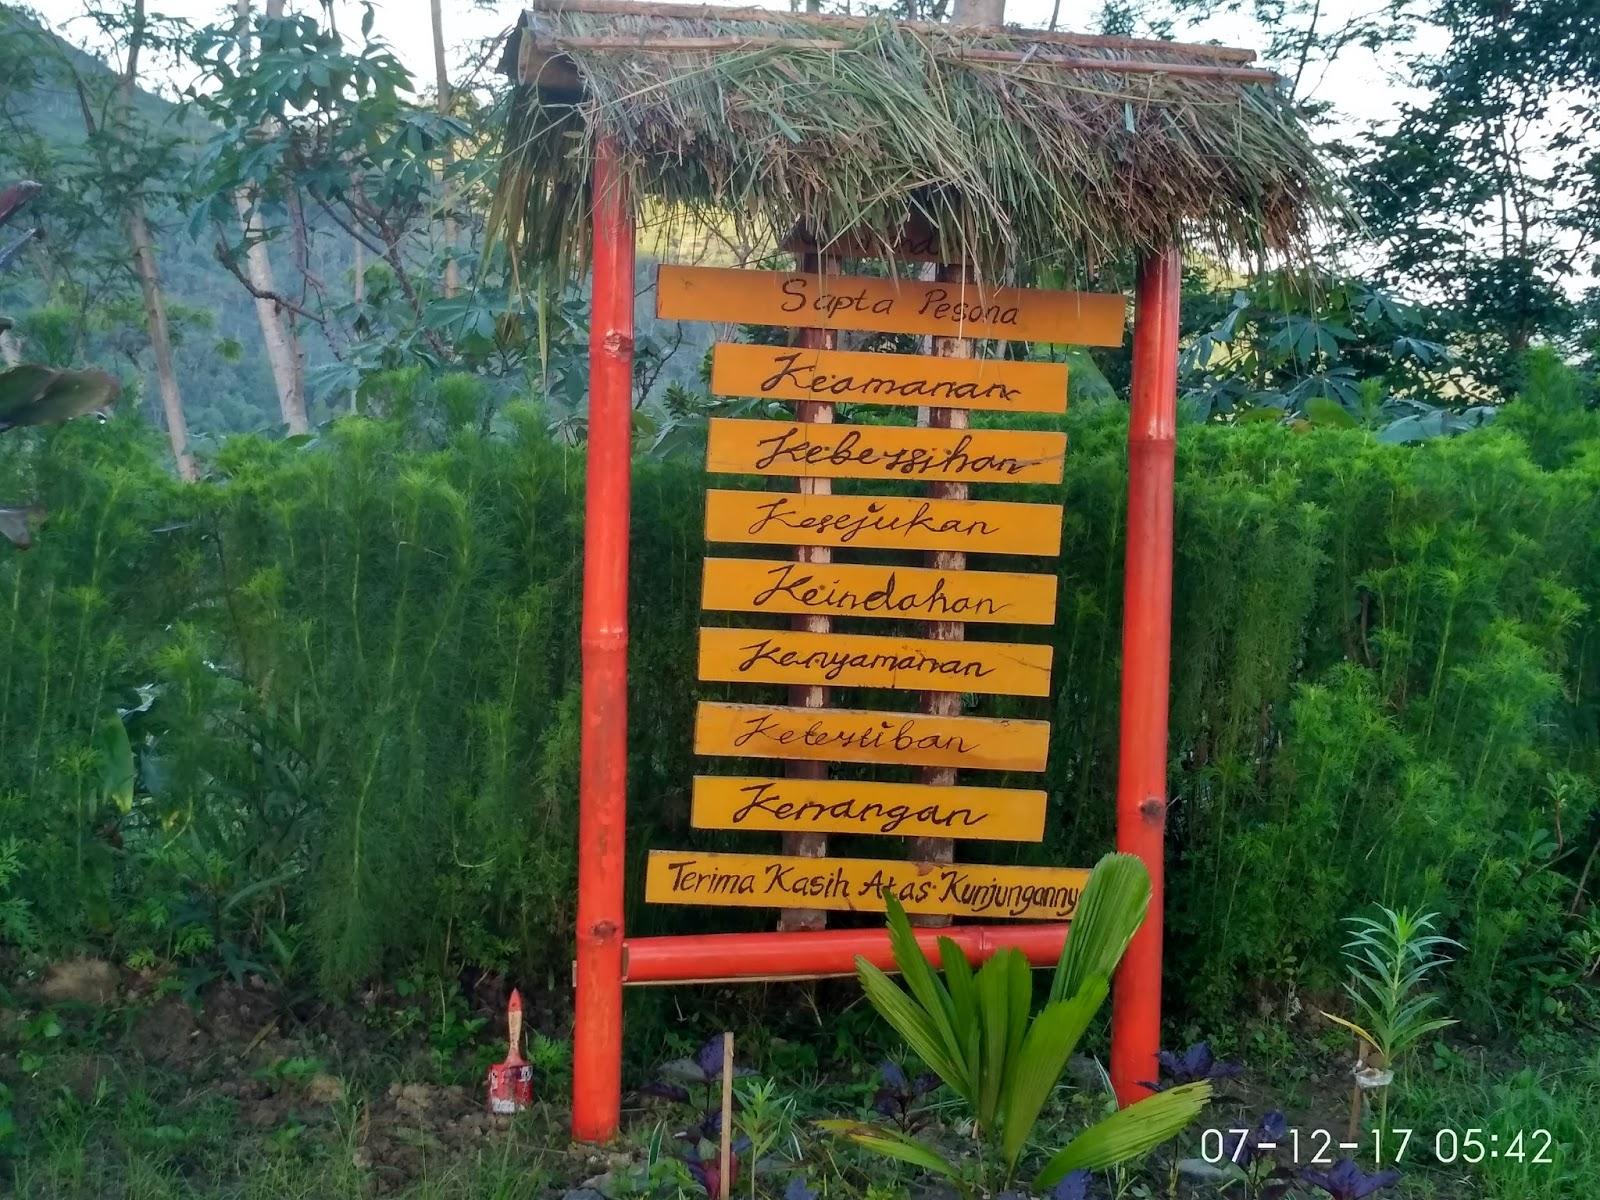 Mengejar Sunrise Punthuk Gupakan Traveling Diary Papan Tata Tertib Disana